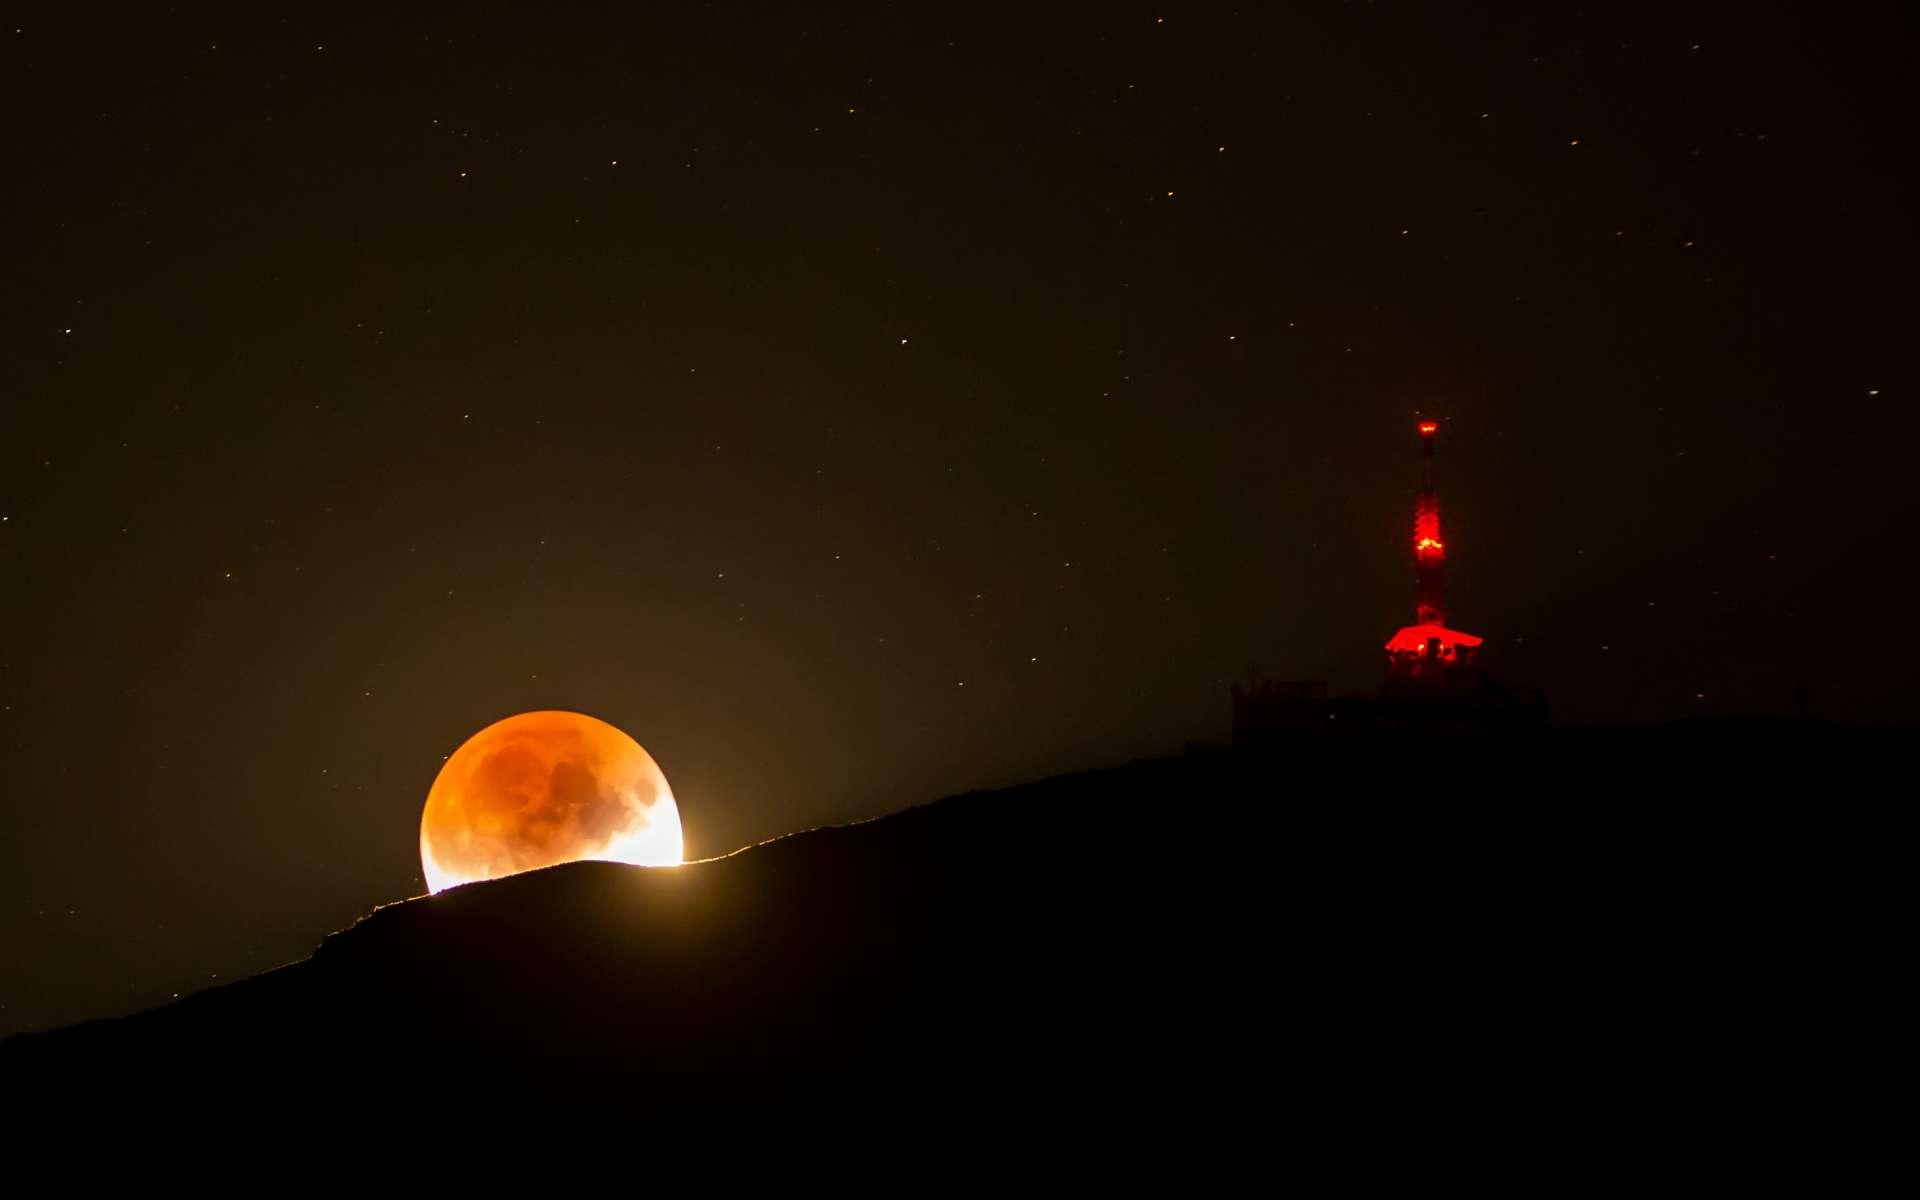 L'éclipse de Lune partielle du 16 juillet 2019 dans le Tyrol. © Norbert Span, Apod